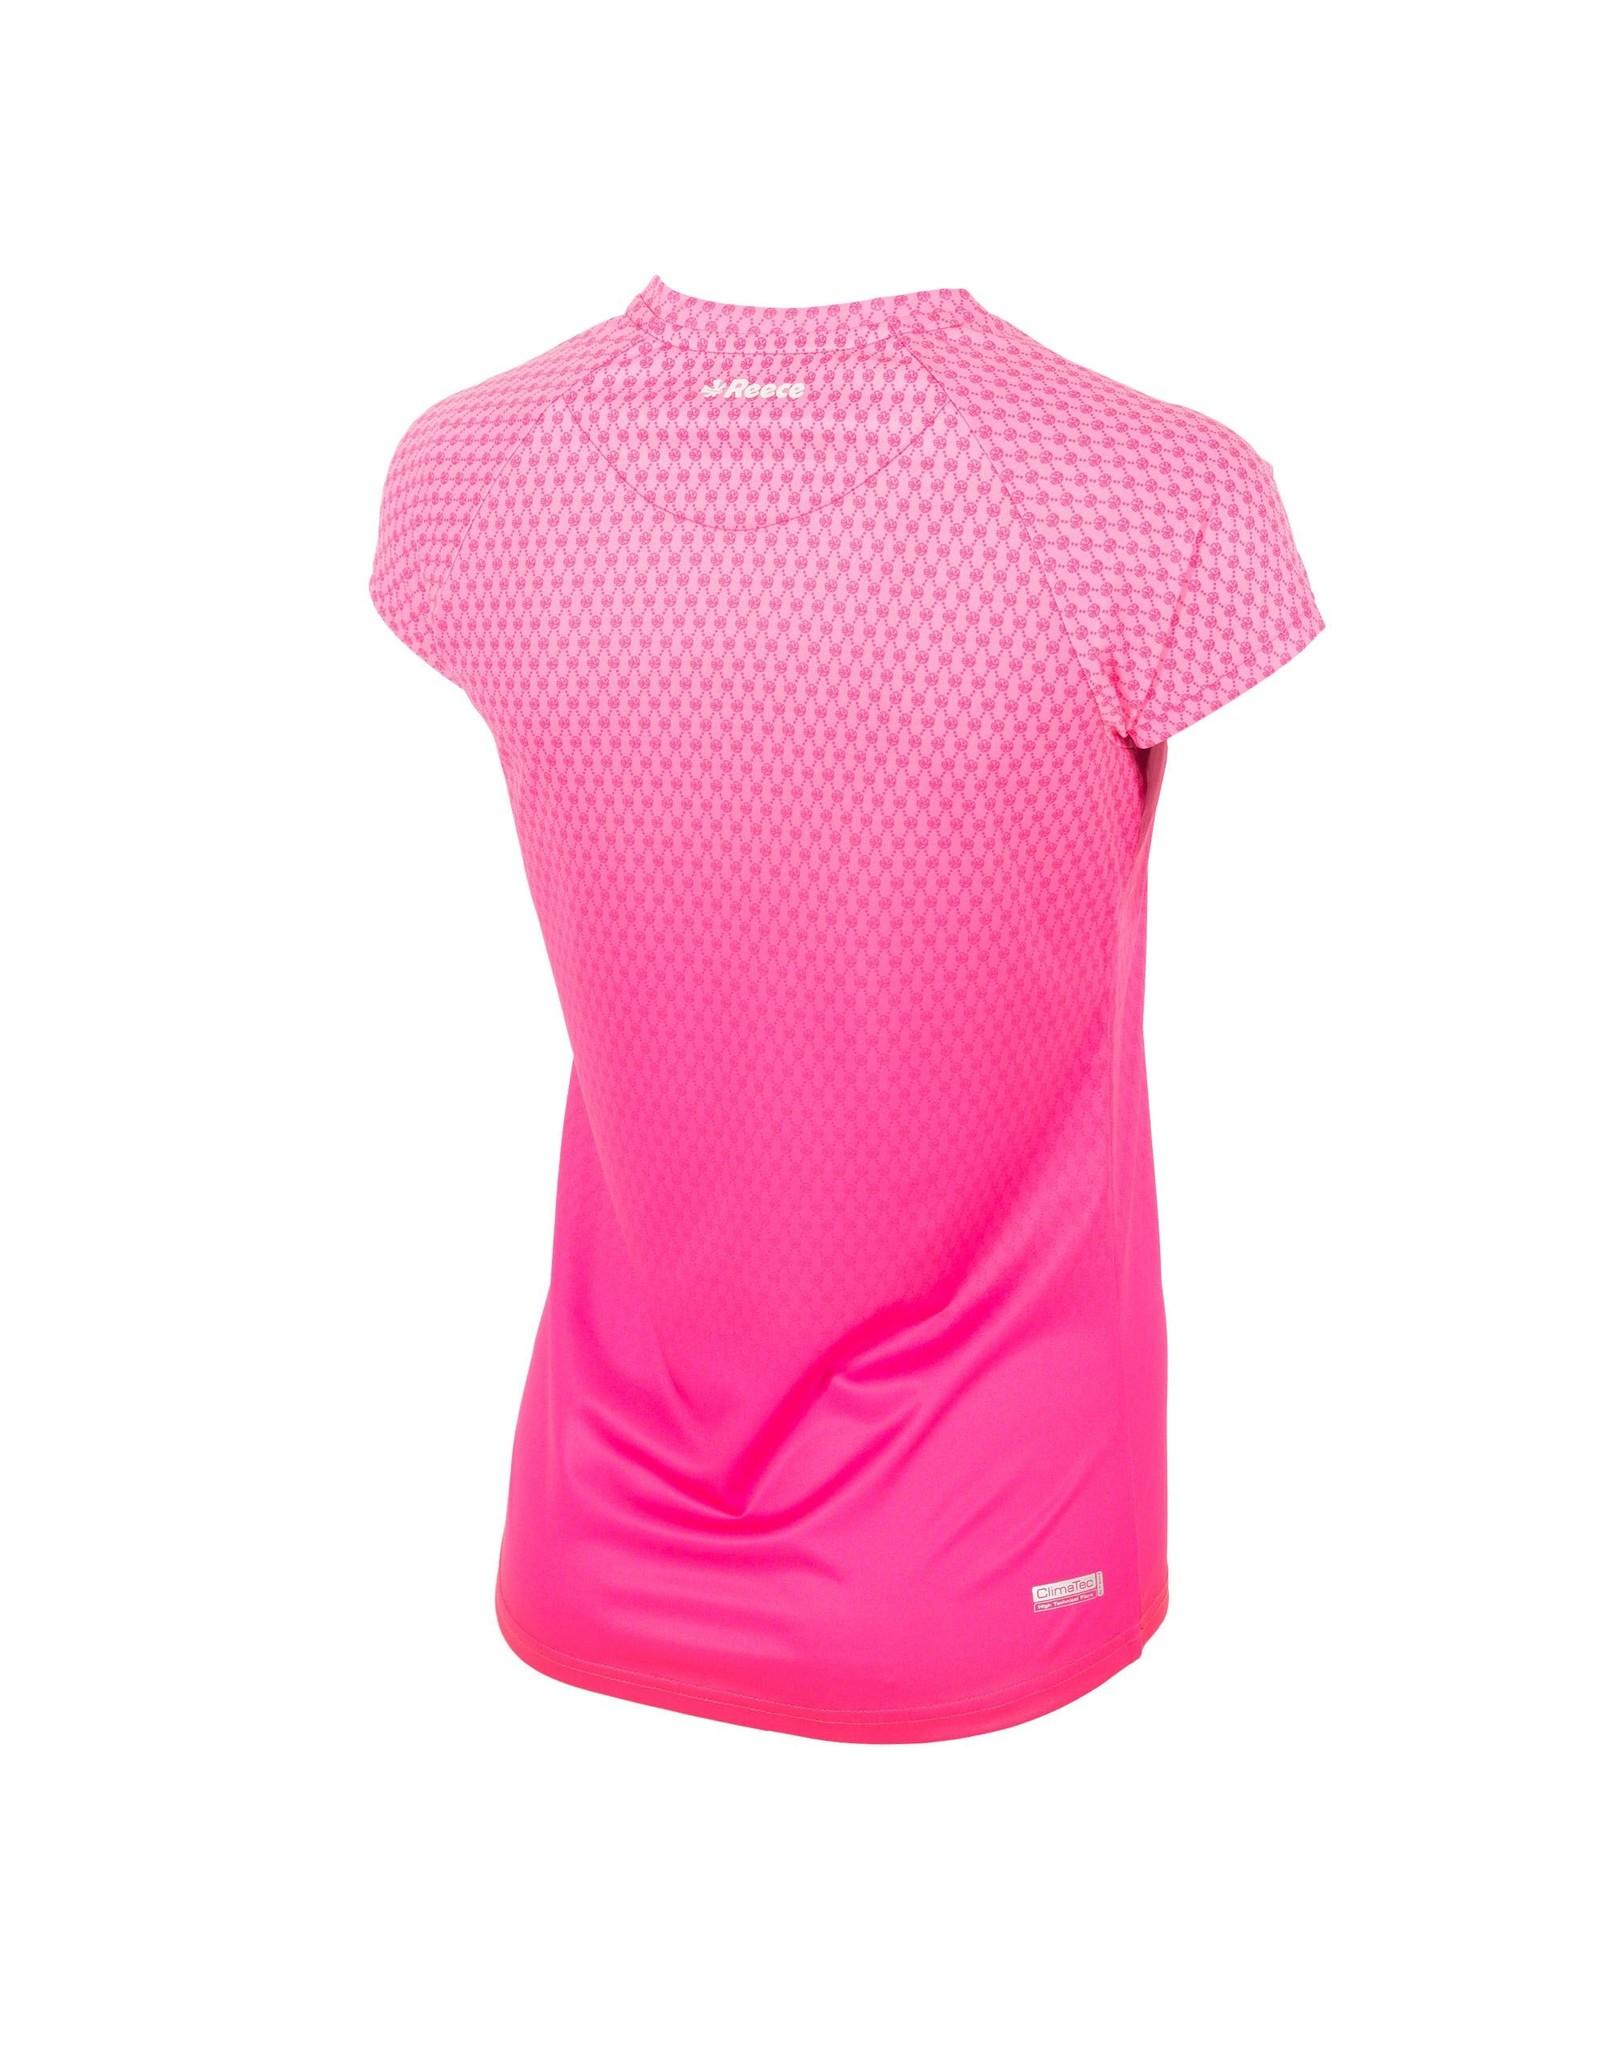 Reece Australia Ellis Shirt Limited Ladies-Roze